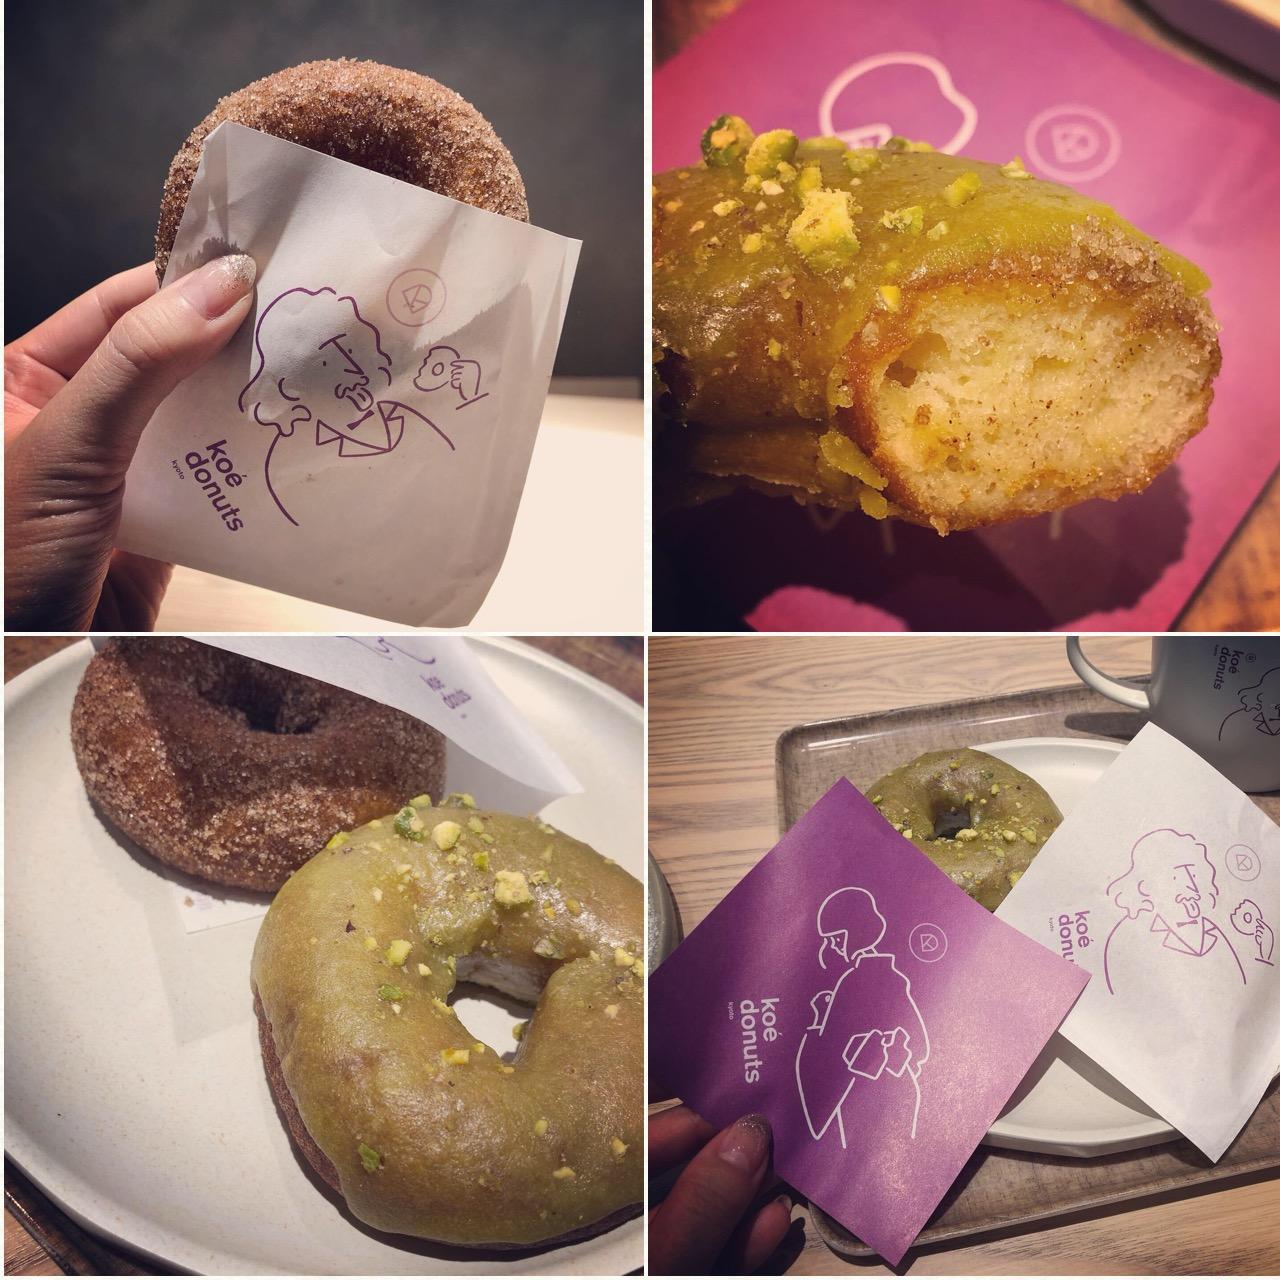 <京都*女子旅にオススメ>koé donuts kyotoのエシカルなドーナツがフォトジェニックでおいしすぎる!♡_3